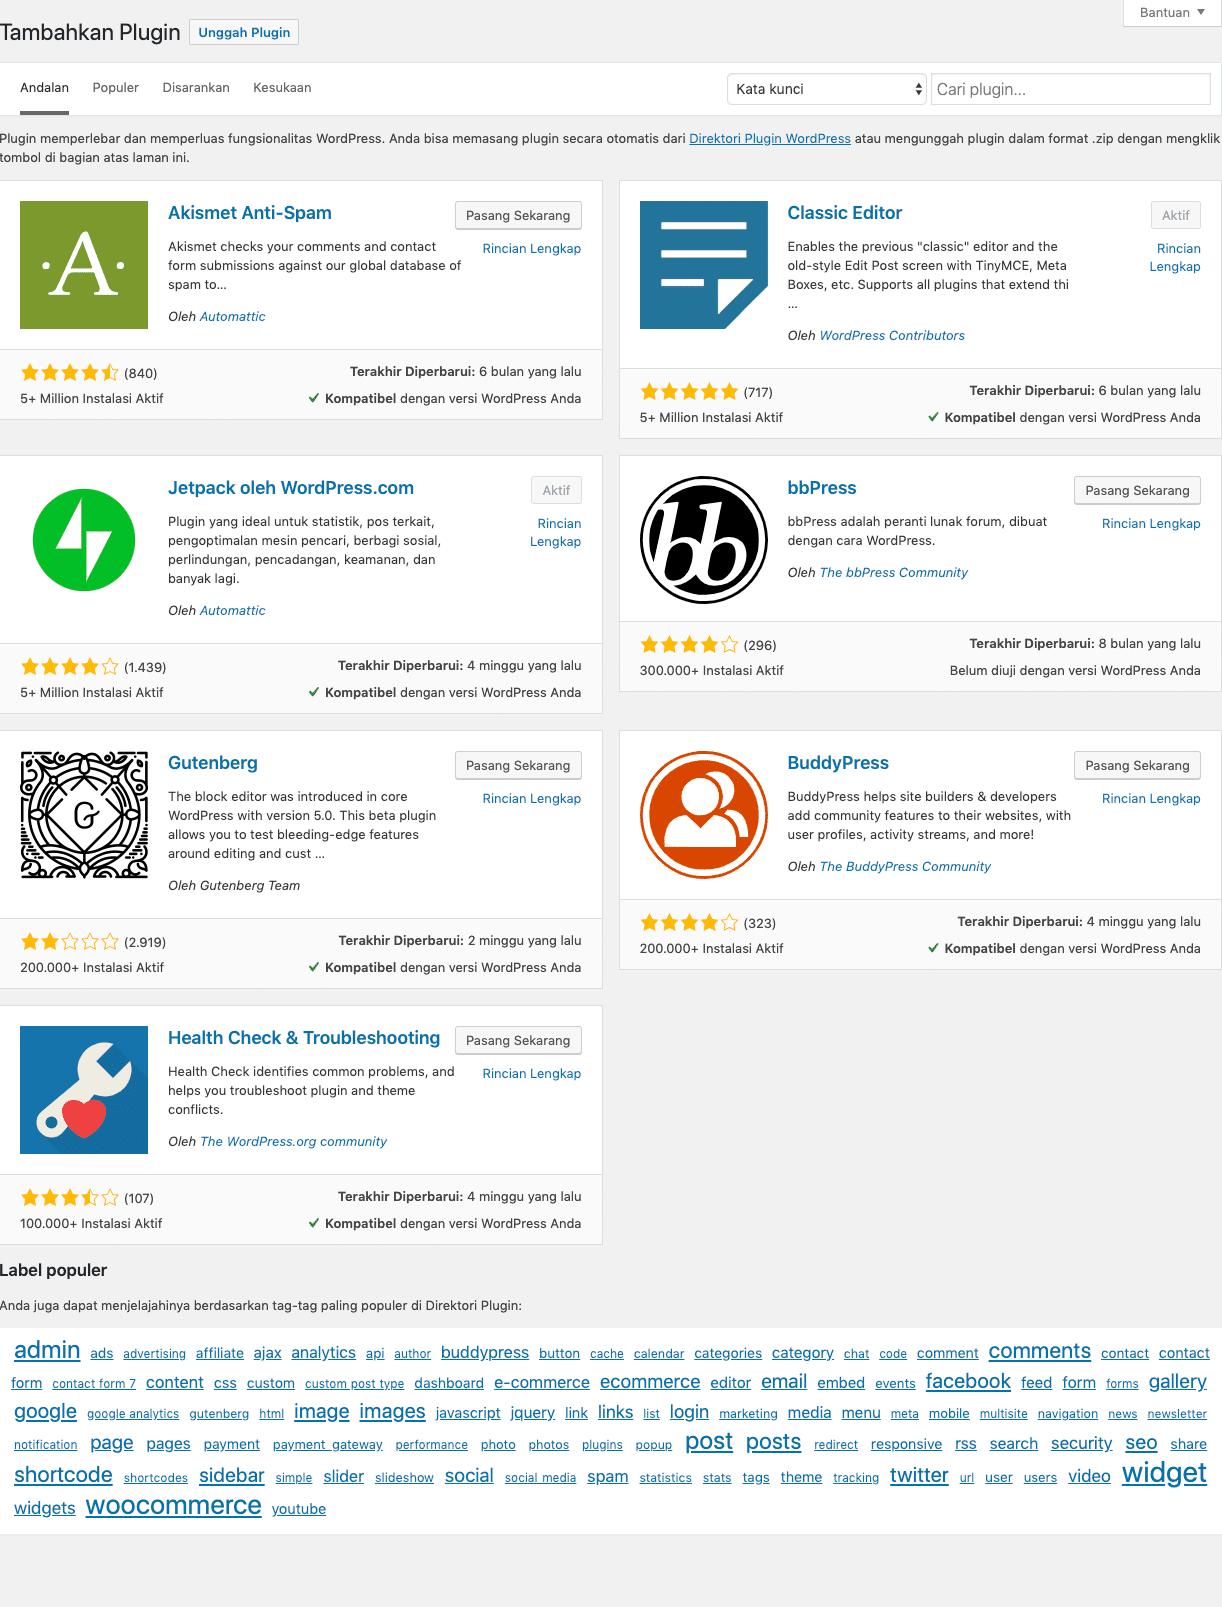 cara install jetpack di wordpress